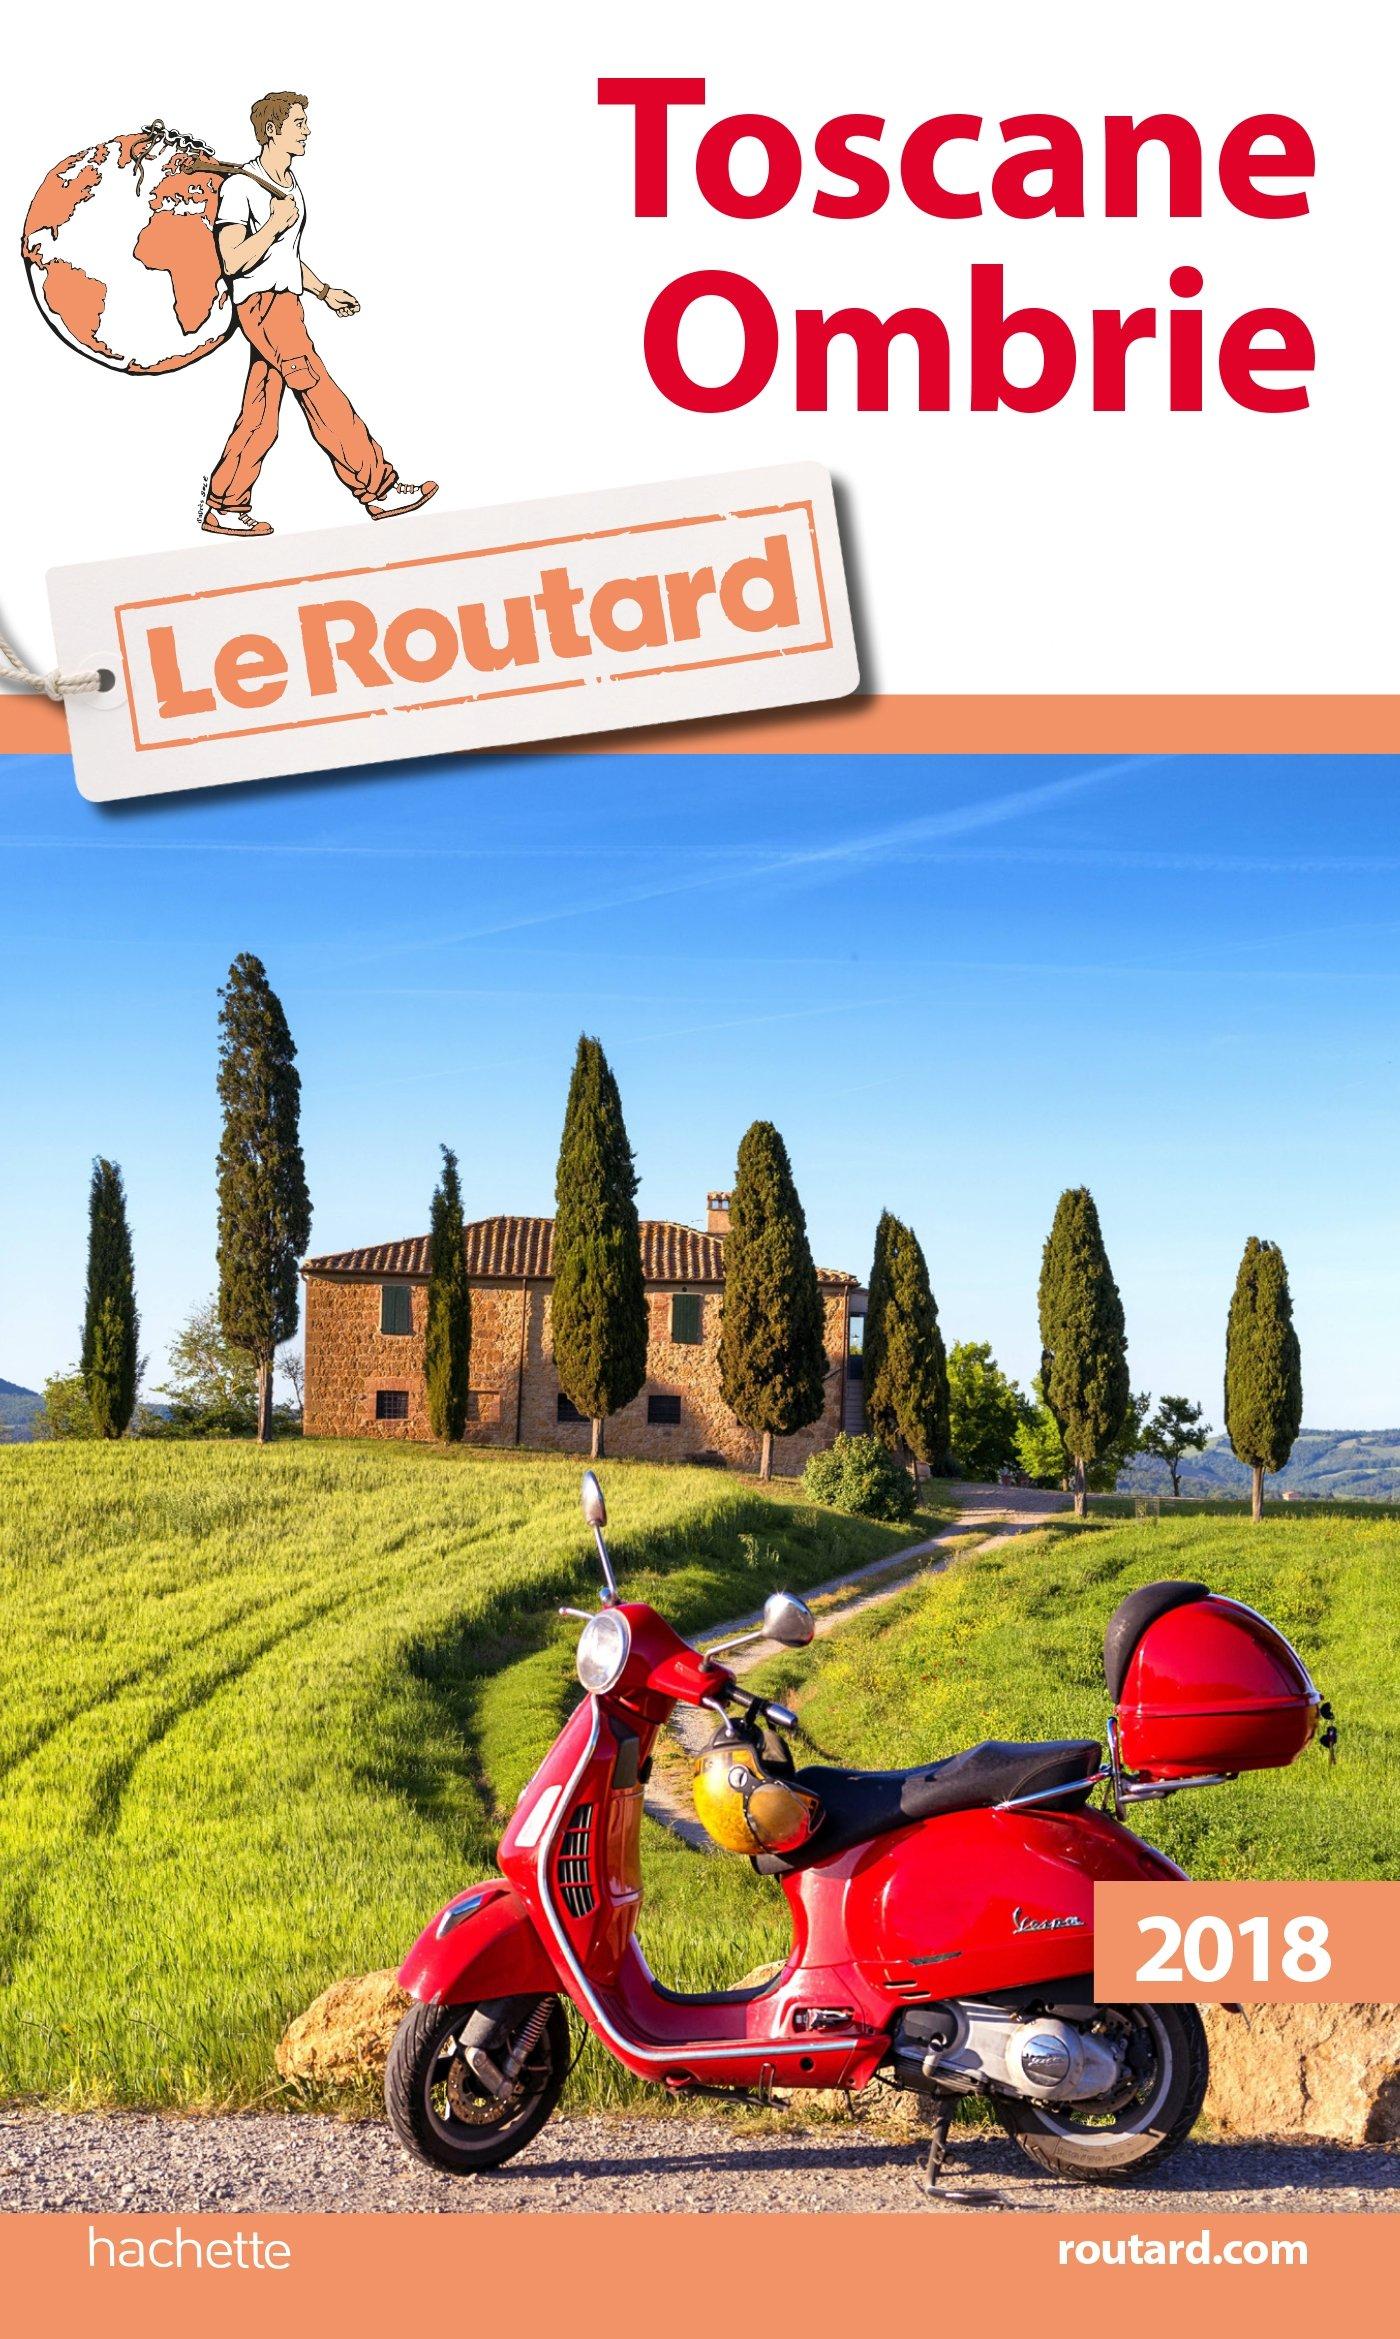 Guide du Routard Toscane, Ombrie 2018 Broché – 21 février 2018 Collectif Hachette Tourisme 2017033510 TRAVEL / General